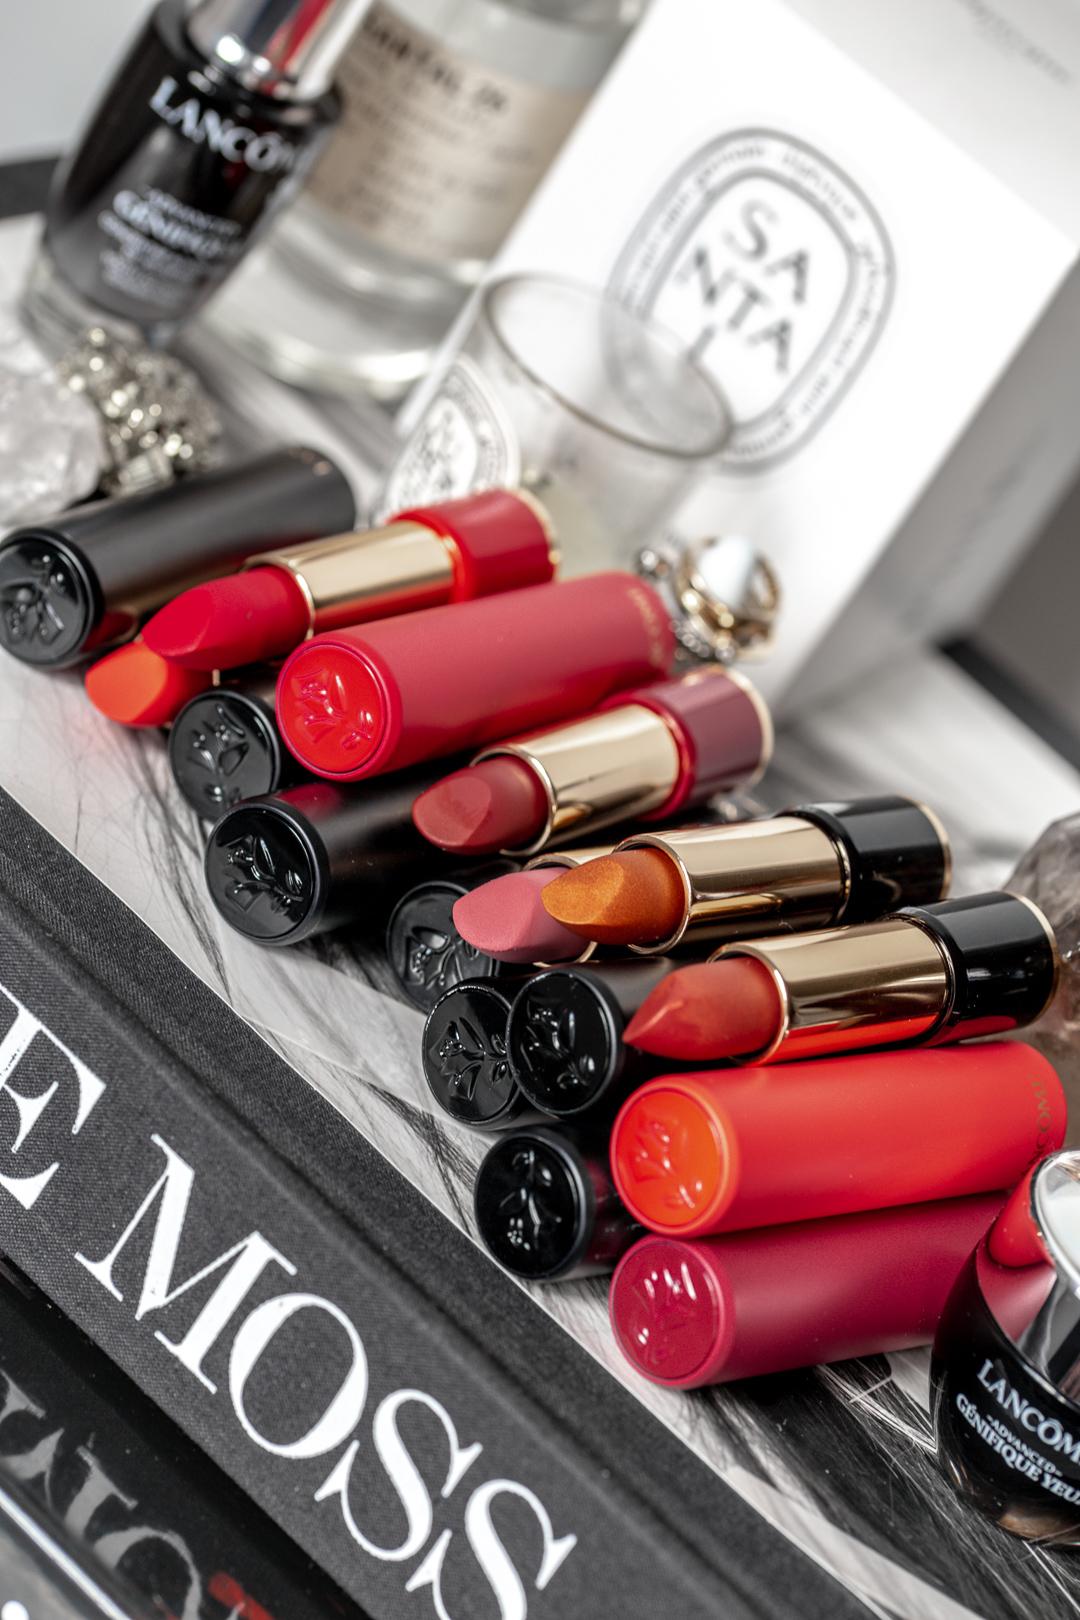 PINTEREST @woahstyle - Lancome L'Absolu Rouge Drama Matte Lipstick - beauty lipstick blog - LIPSICK.ME_6213.jpg